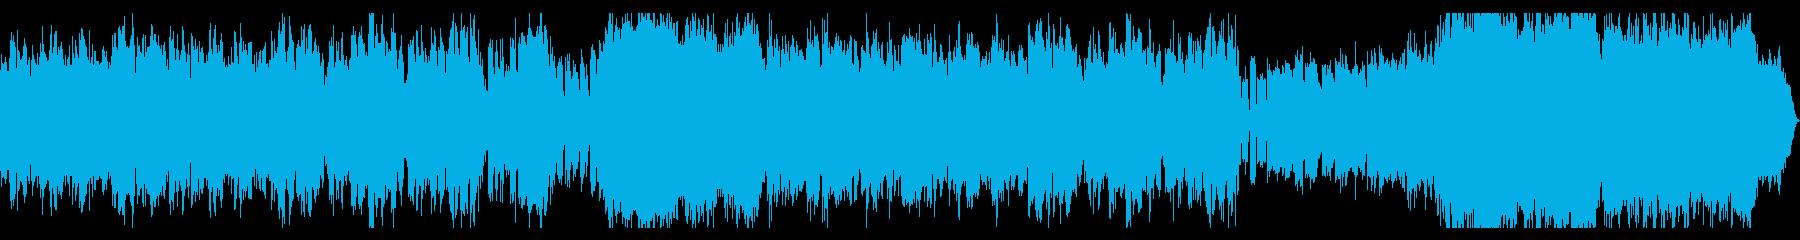 ホラー系ダークな曲 ベースとオーケストラの再生済みの波形